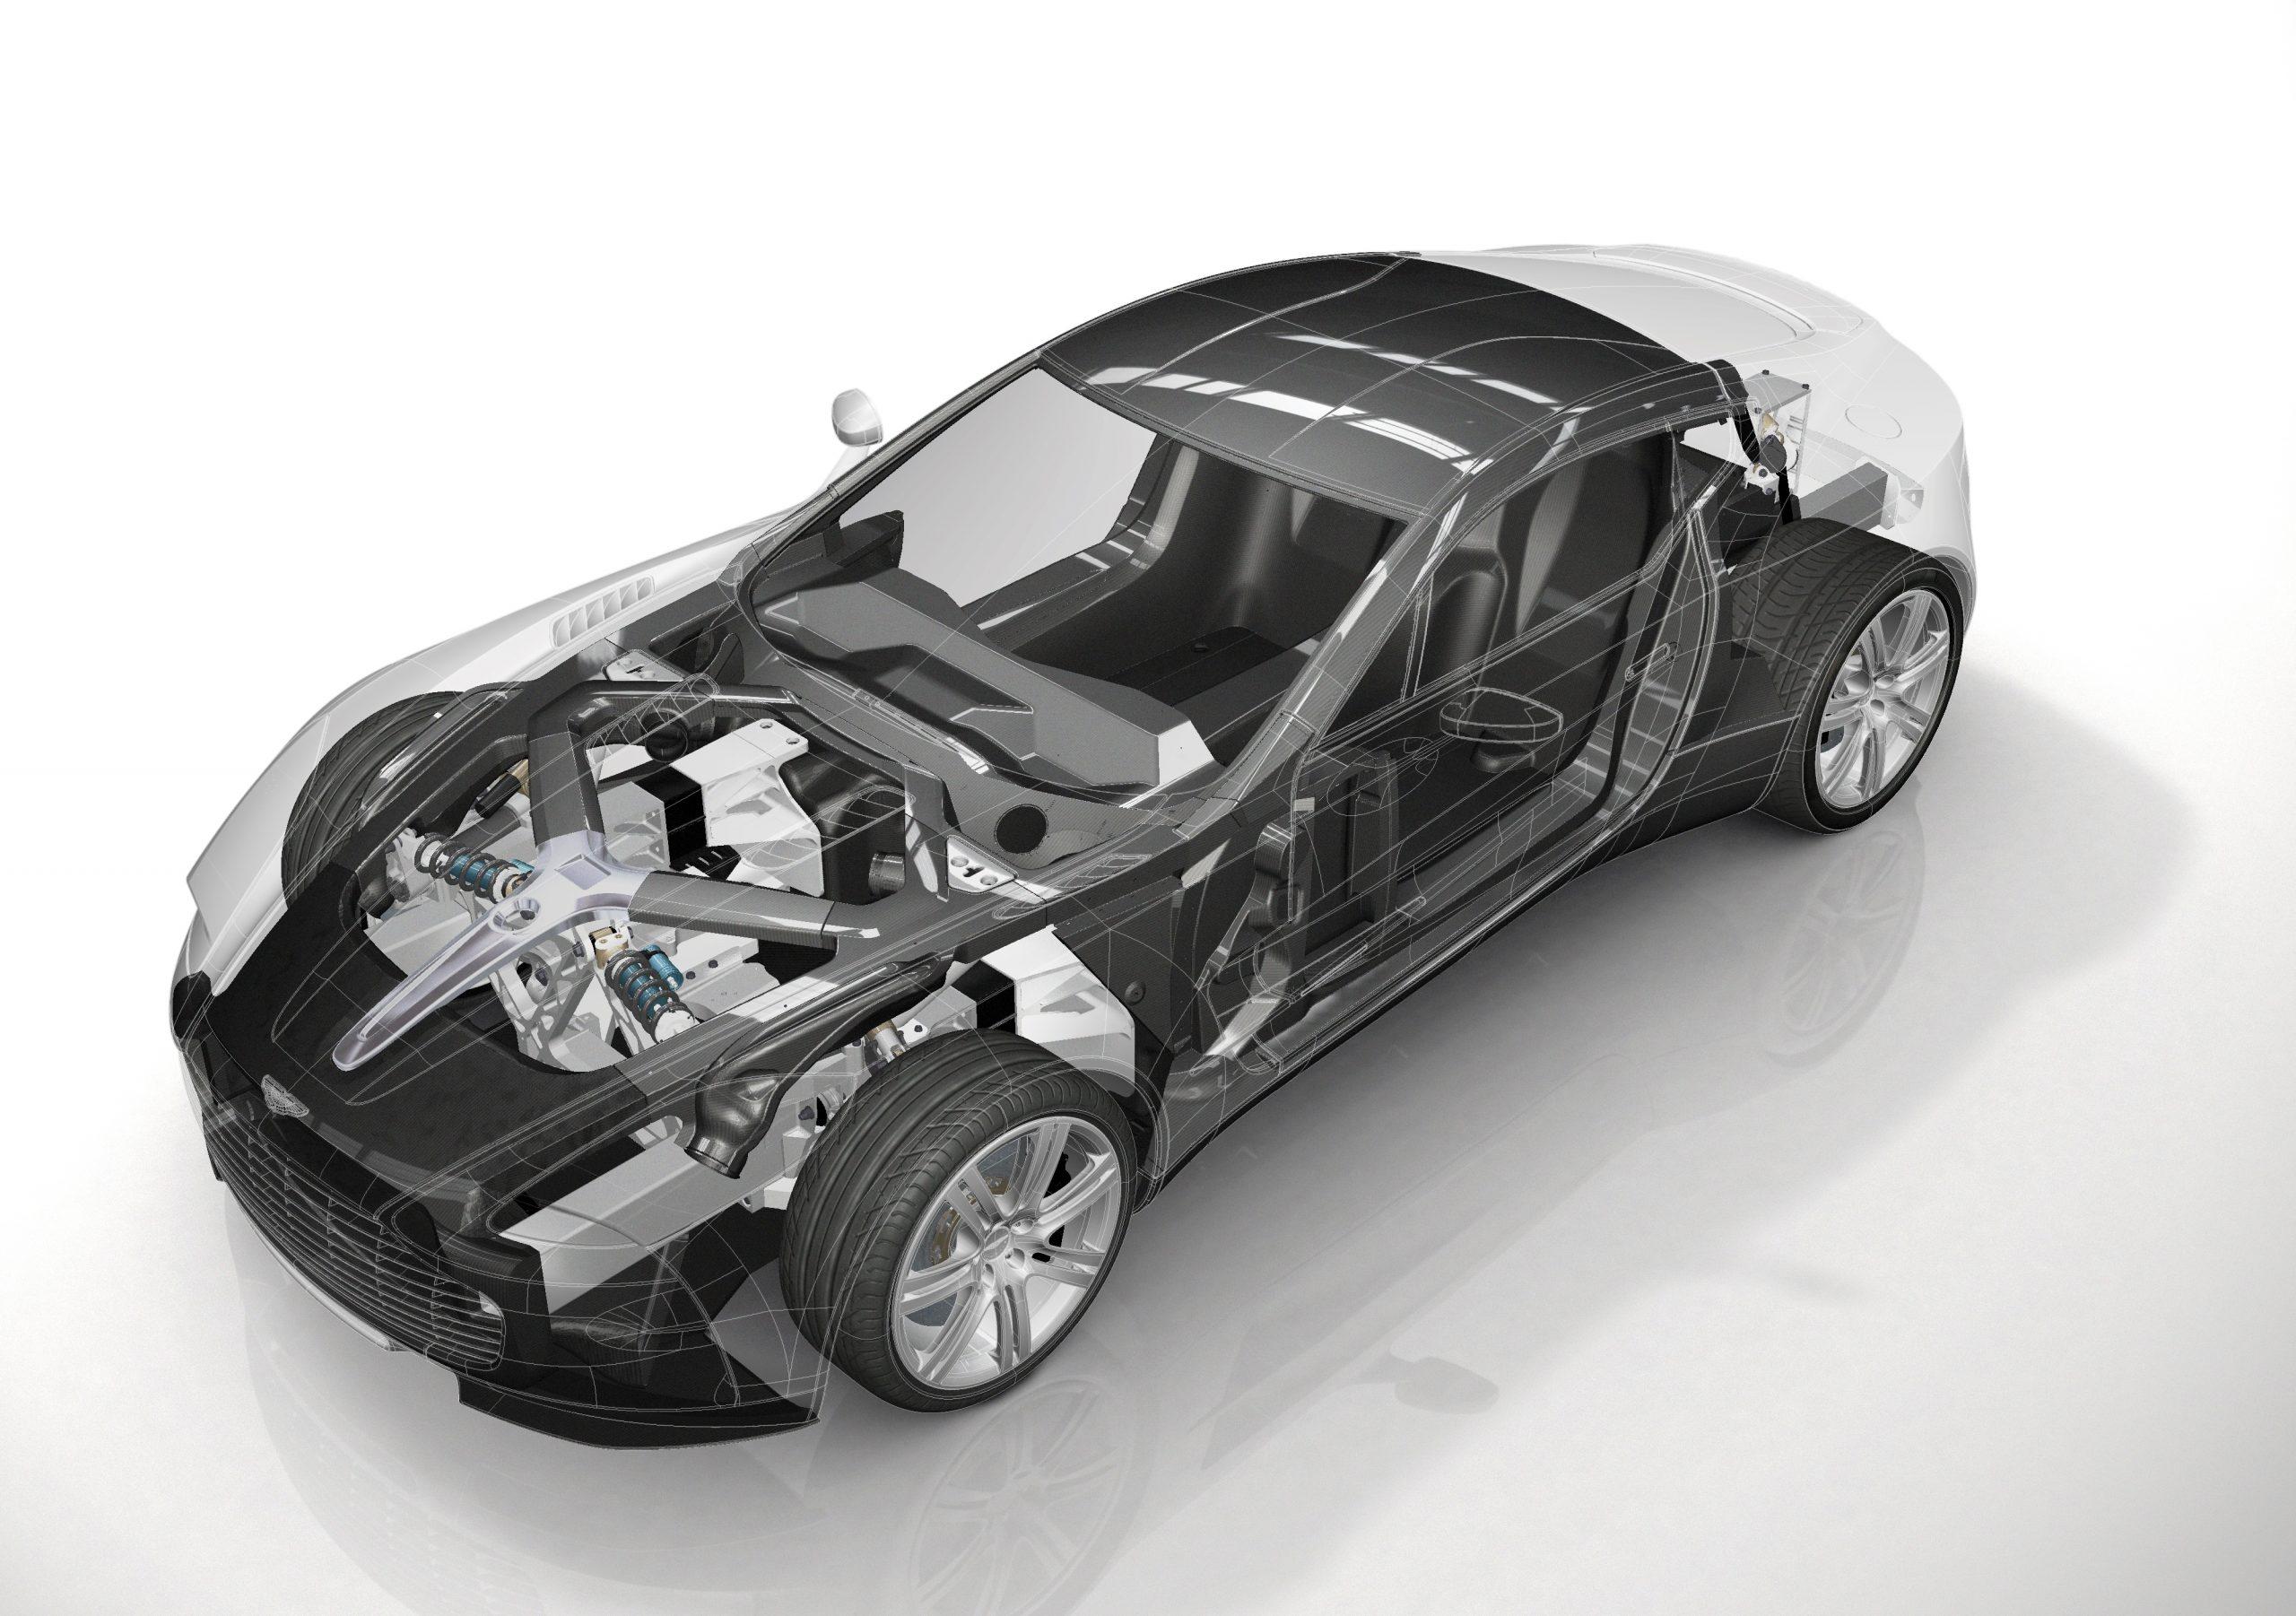 2010-2012 One-77 cutaway